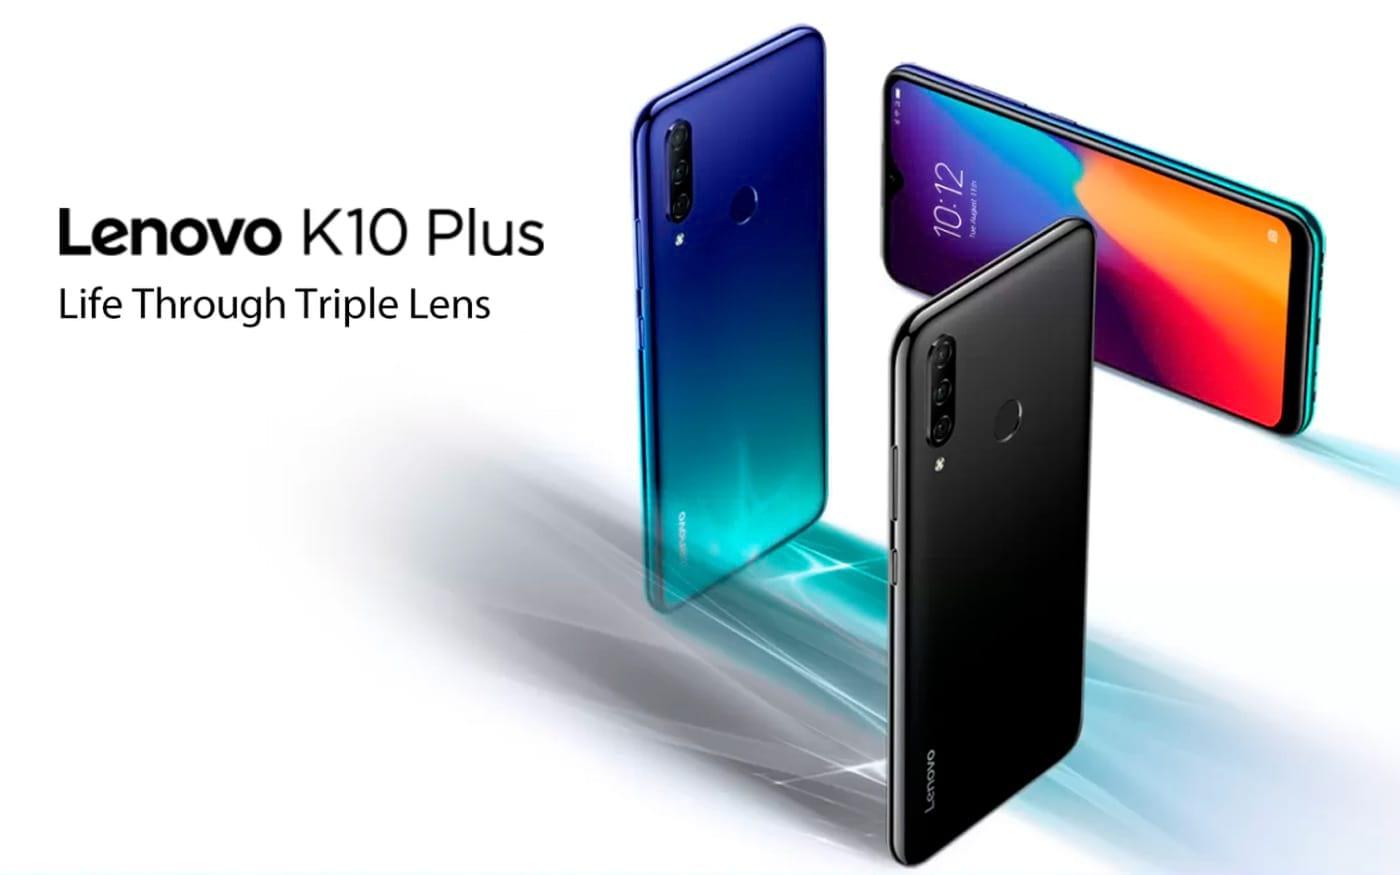 Lenovo K10 Plus chega a Índia com câmera tripla por 648 reais